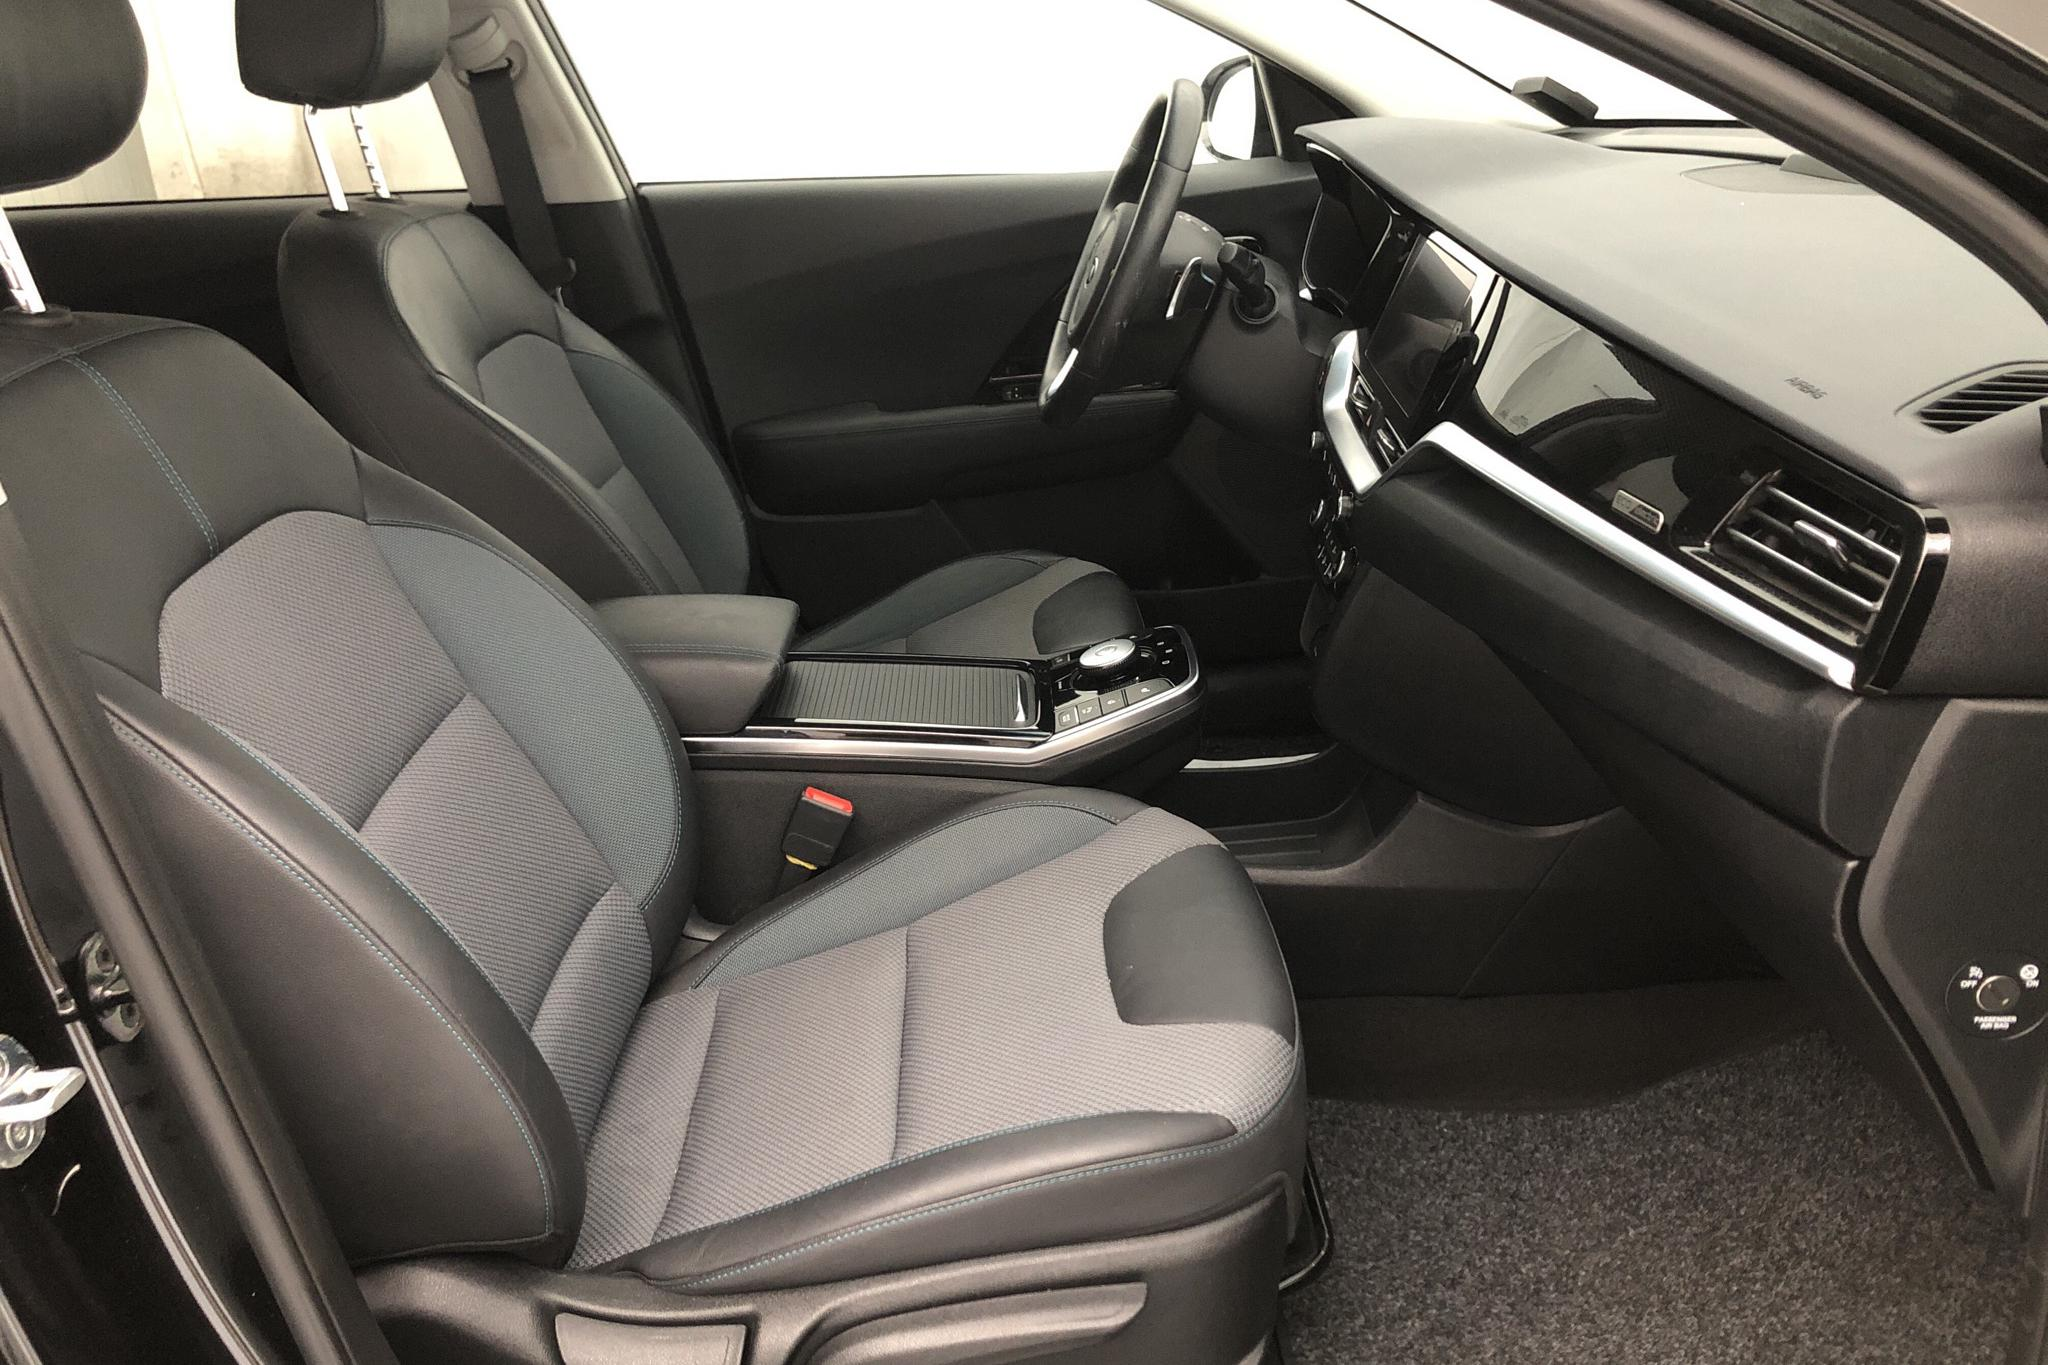 KIA Niro EV 64 kWh (204hk) - 34 430 km - Automatic - black - 2020